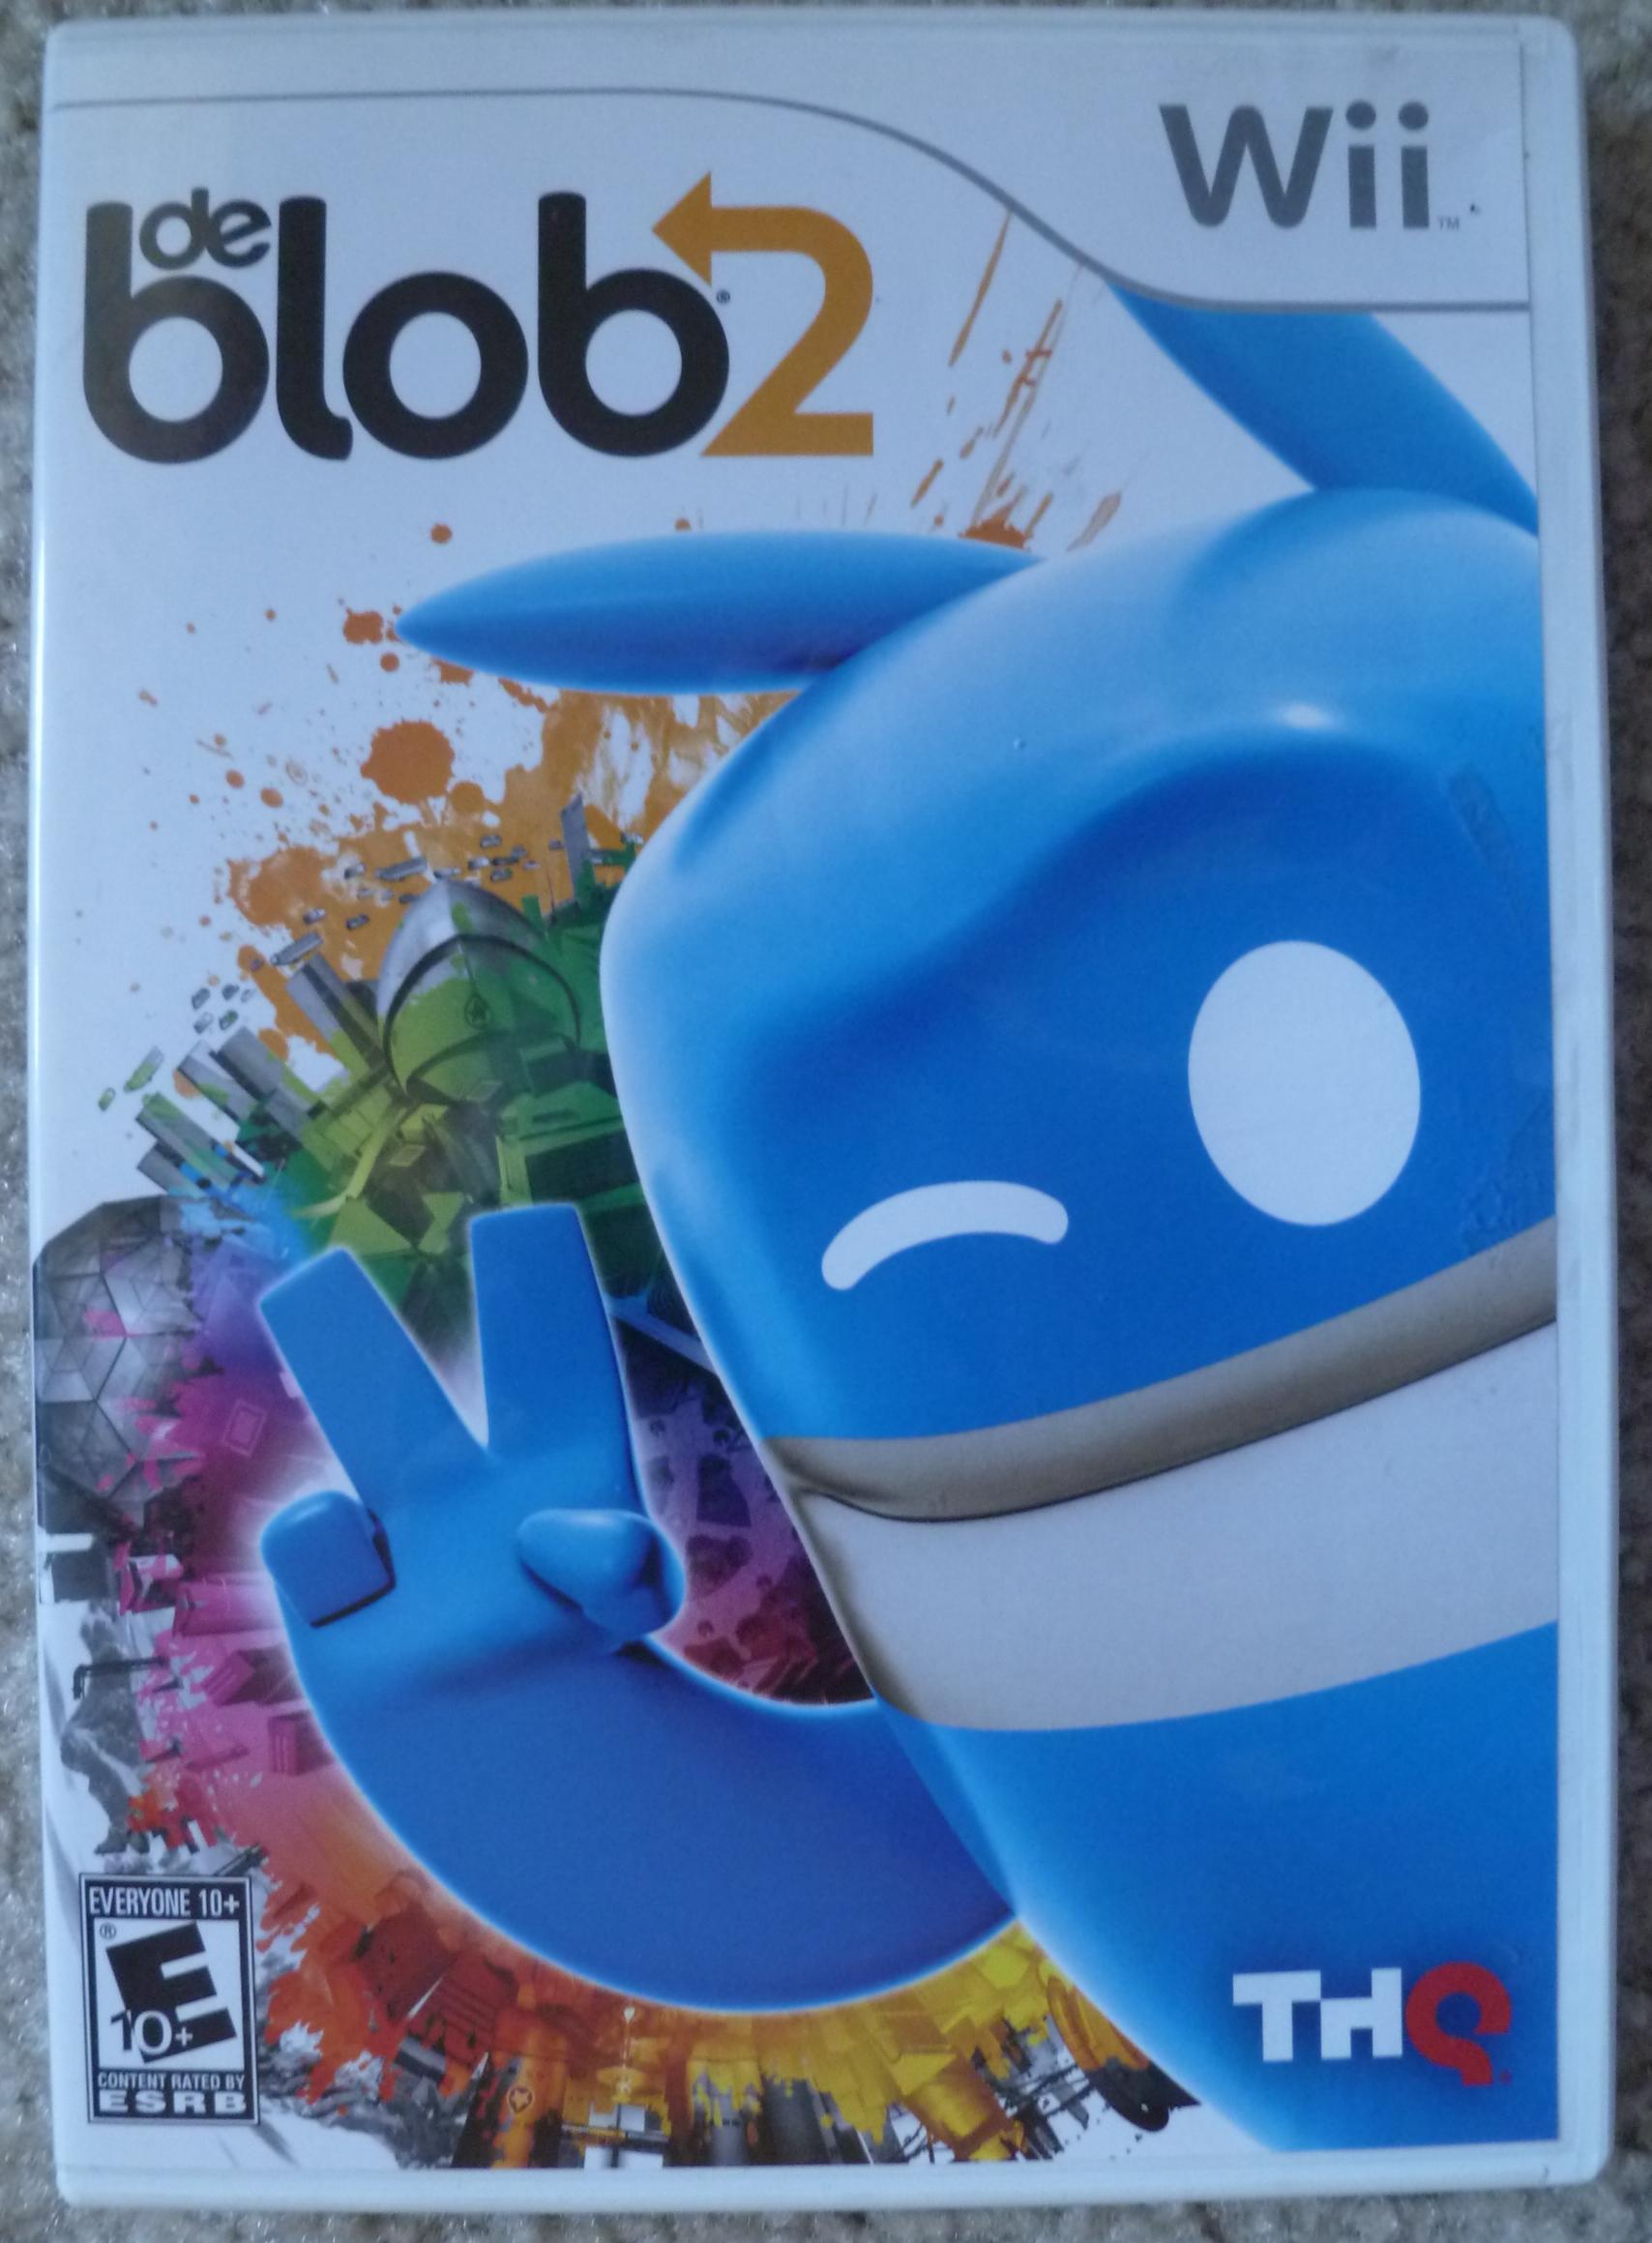 deBlob 2 Cover